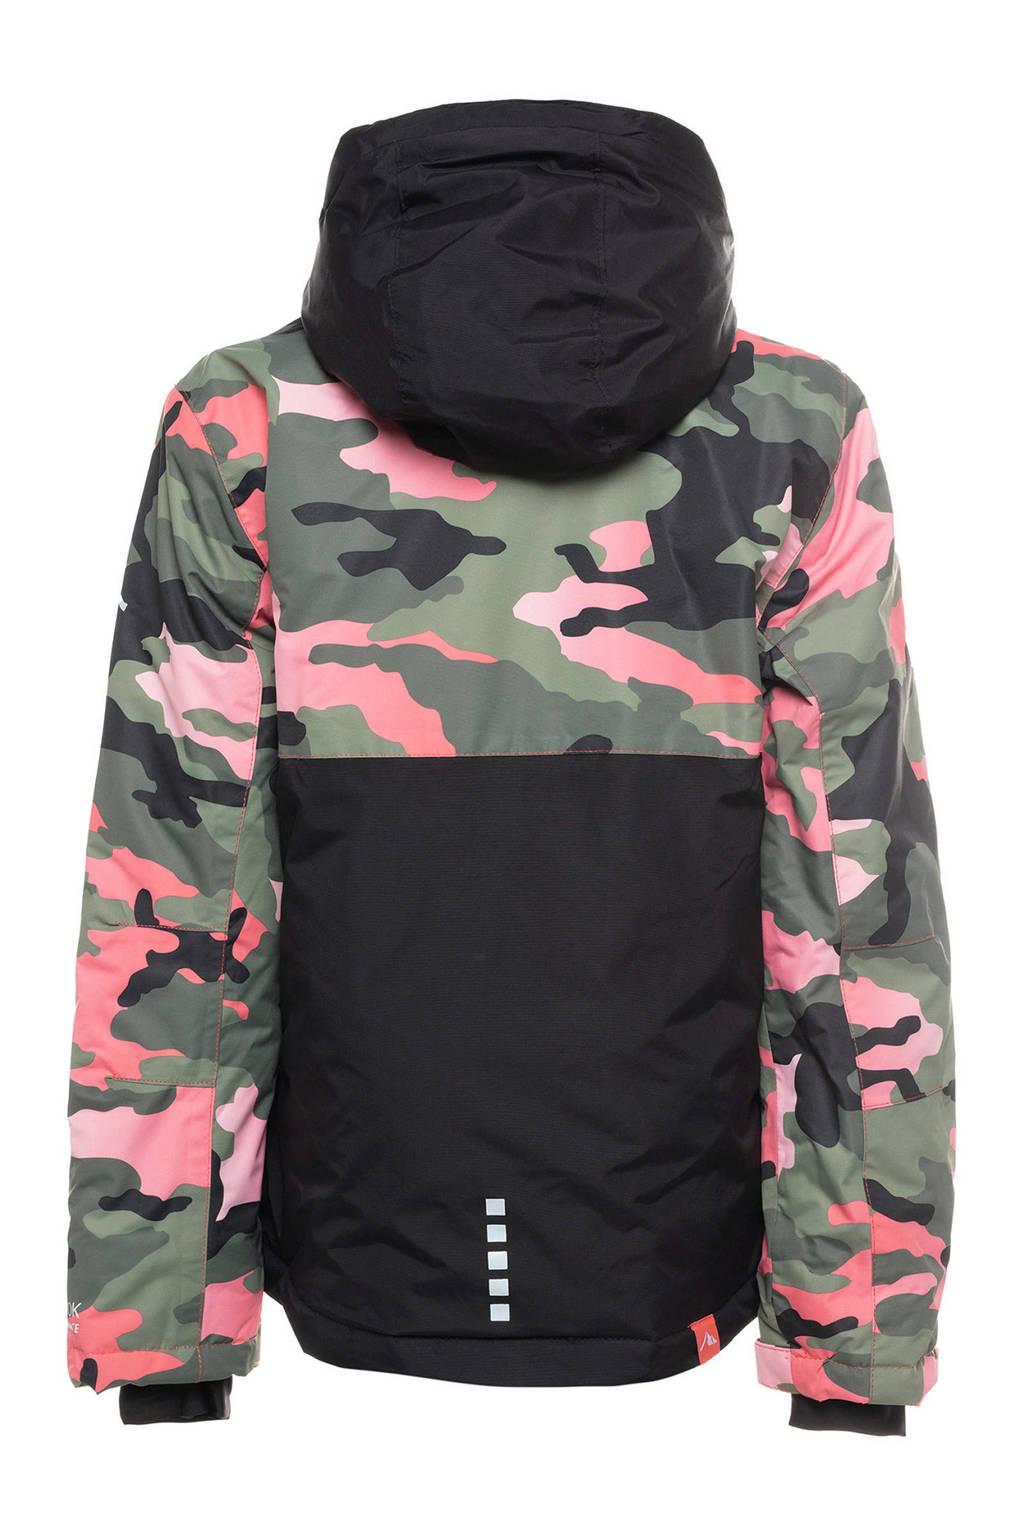 Mountain Peak jack zwart/groen/roze, Zwart/groen/roze